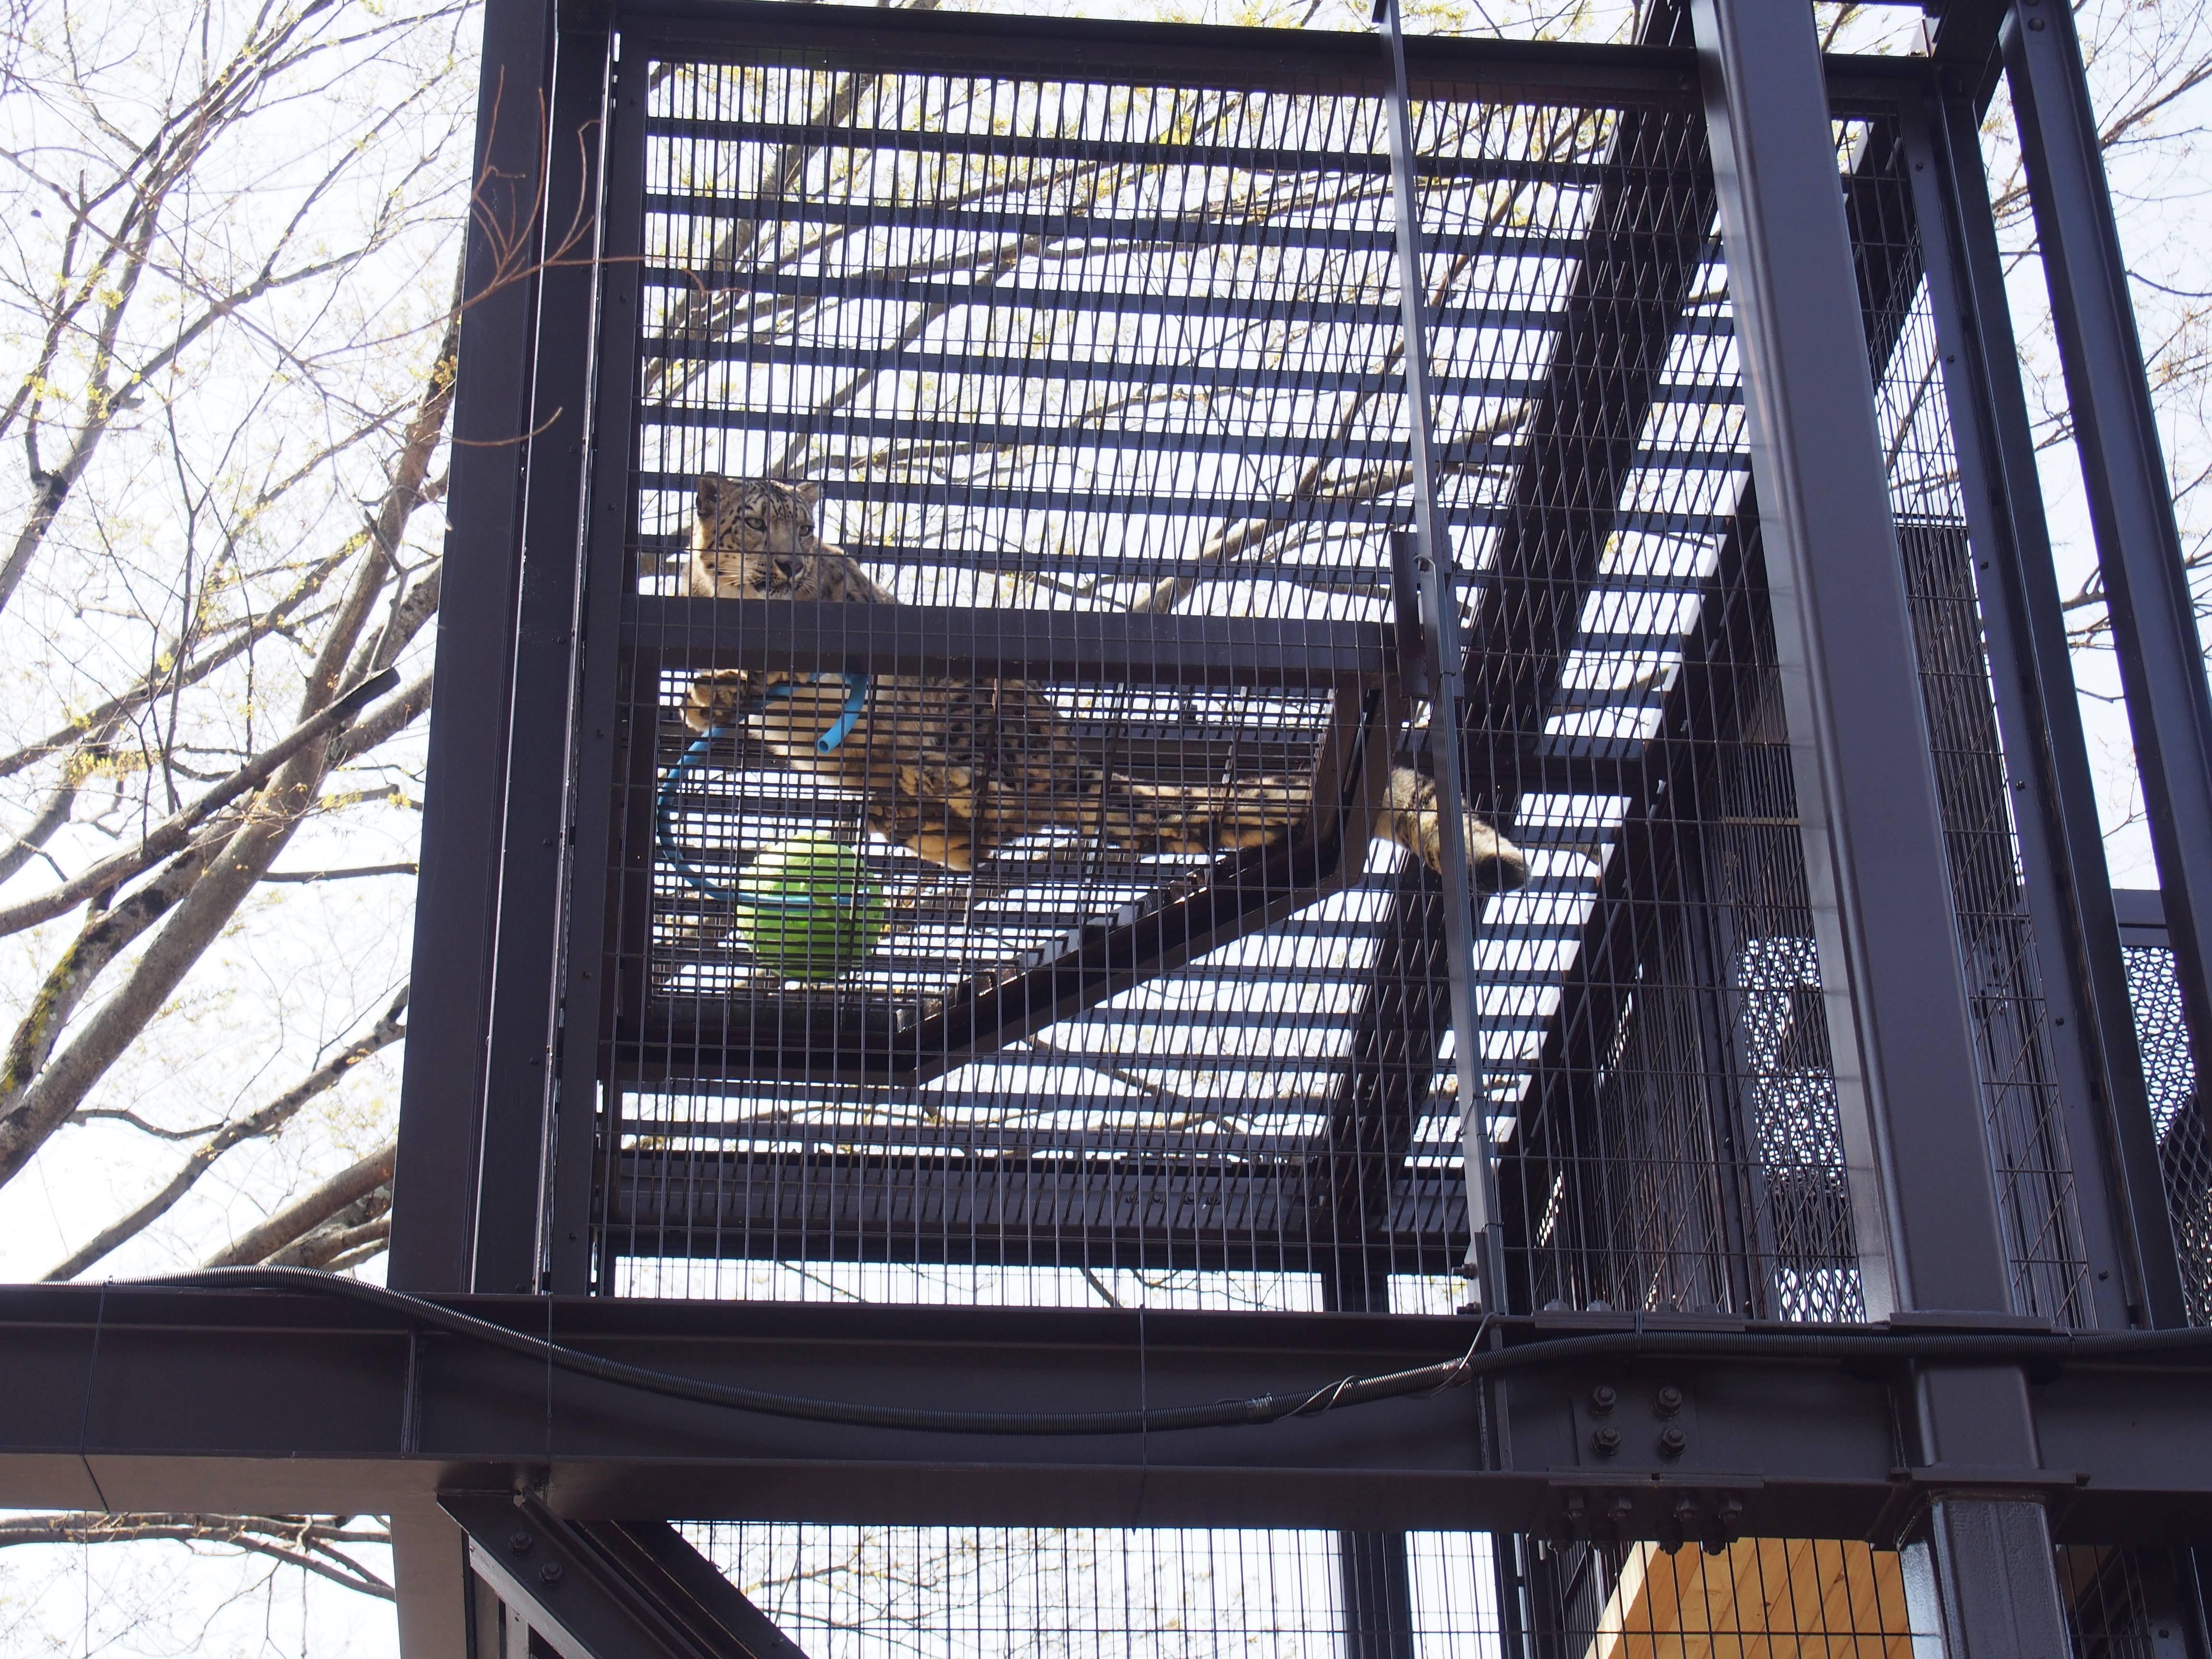 思い出をつなぐ。東山動植物園・80周年記念イベントの見どころを徹底解剖! - P4121872